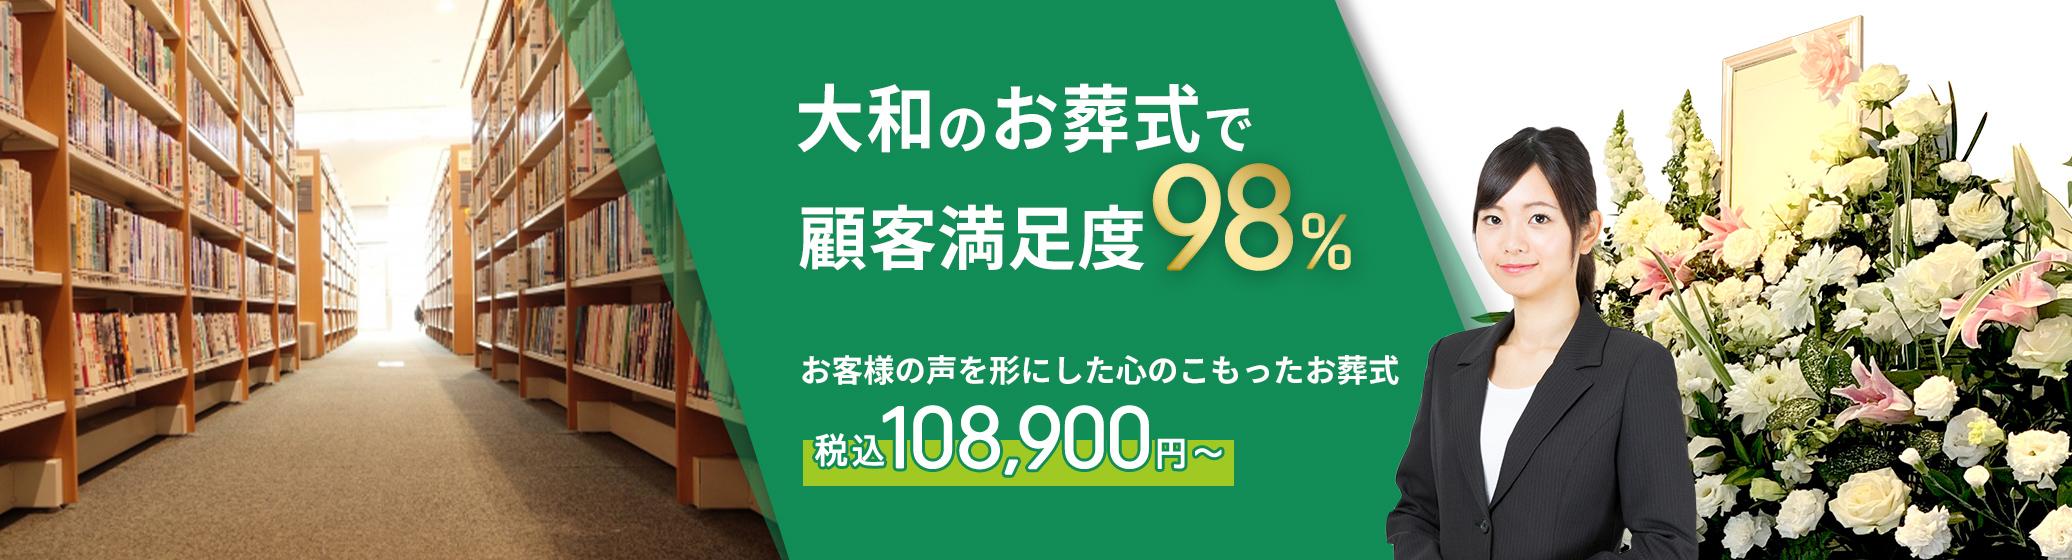 大和市で葬儀をお考えの方へ安心価格で納得のお葬式が定額プラン・葬儀に必要なものすべて含んで140,000円(税込)